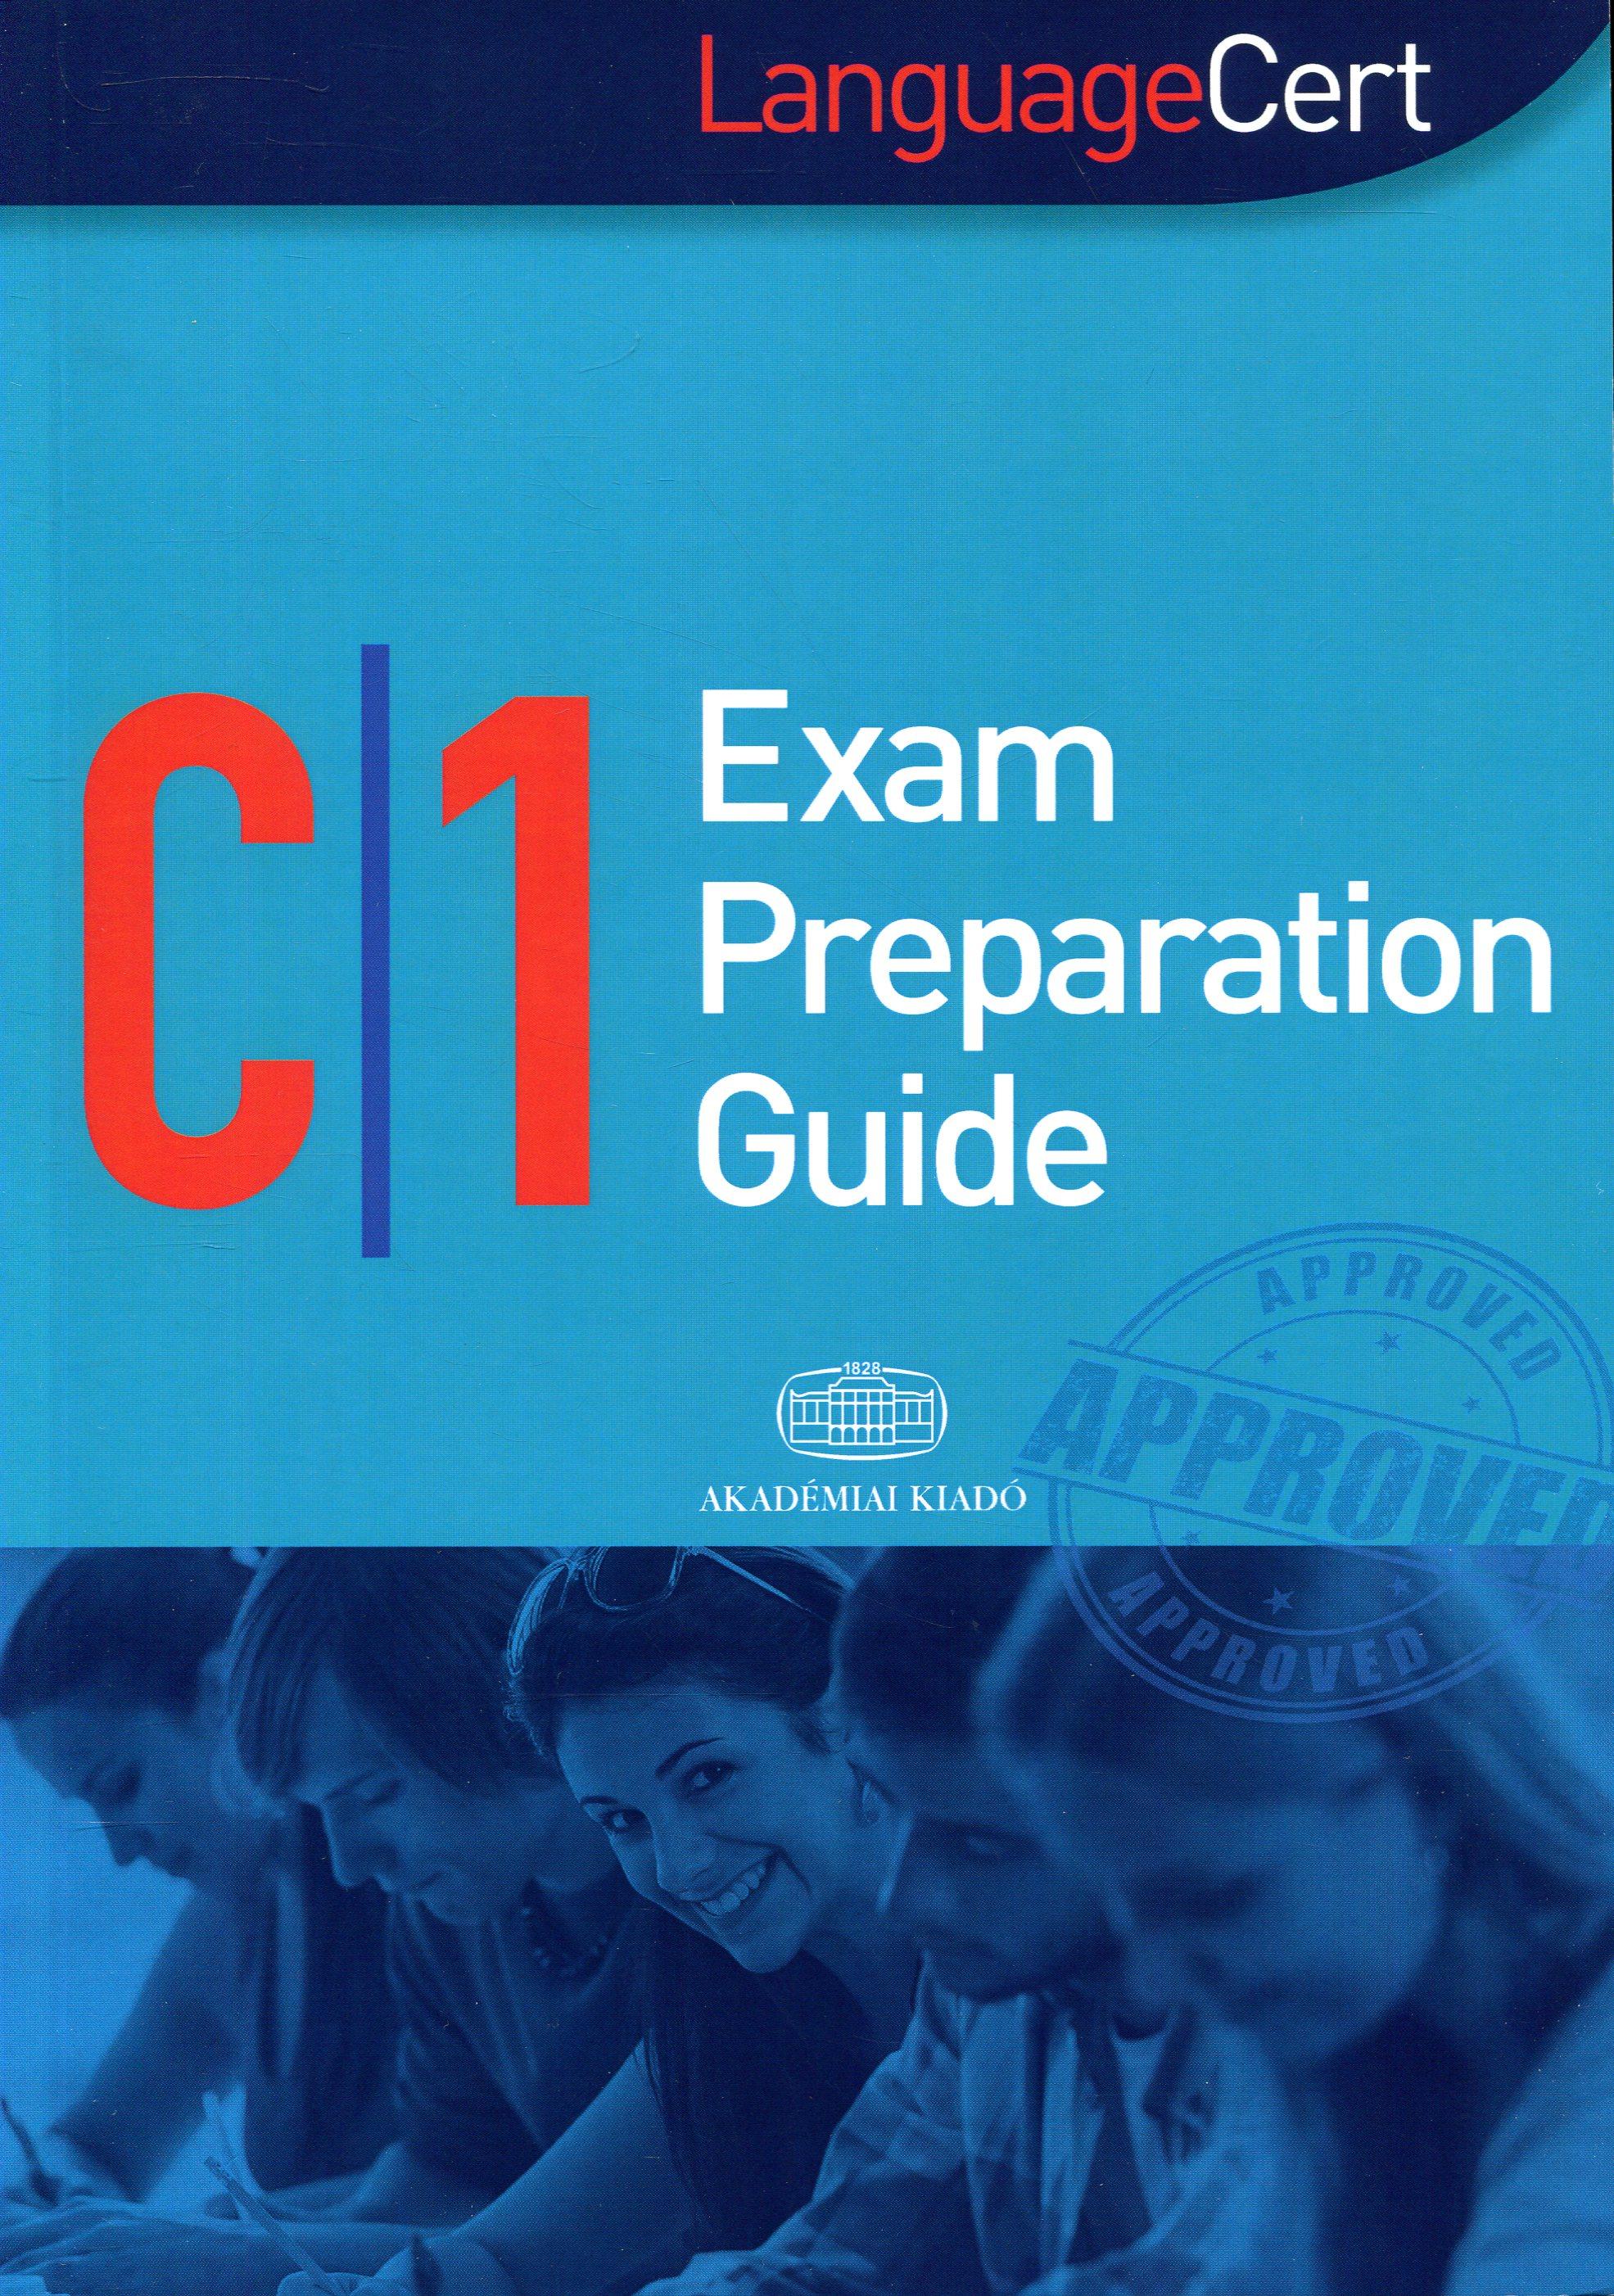 LanguageCert C1 Exam Preparation Guide